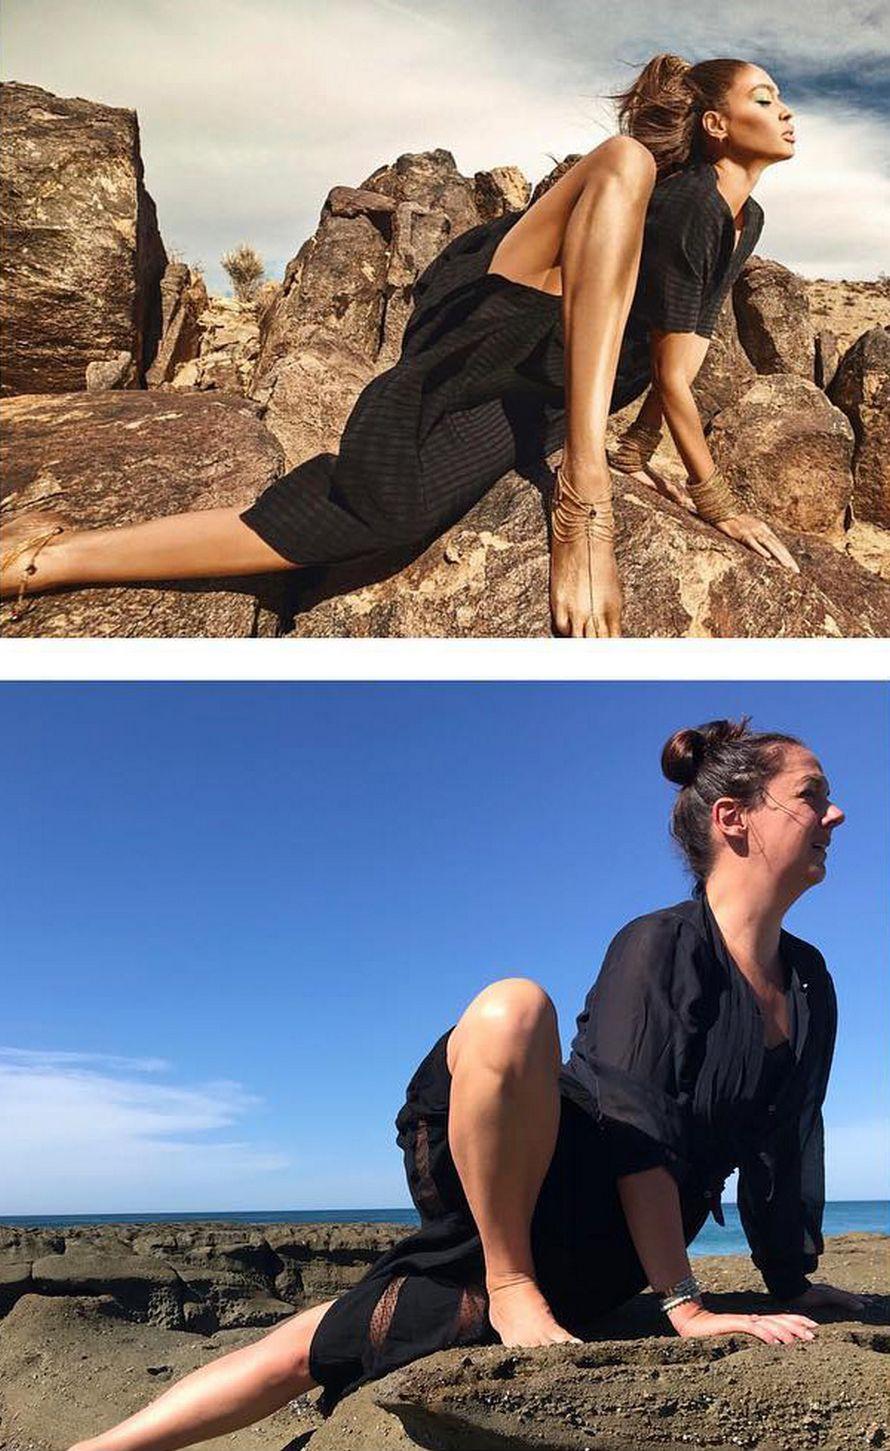 Cette femme qui reproduit les photos instagram de célébrités est de retour, et ces 33 photos vont vous faire rire, c'est garanti